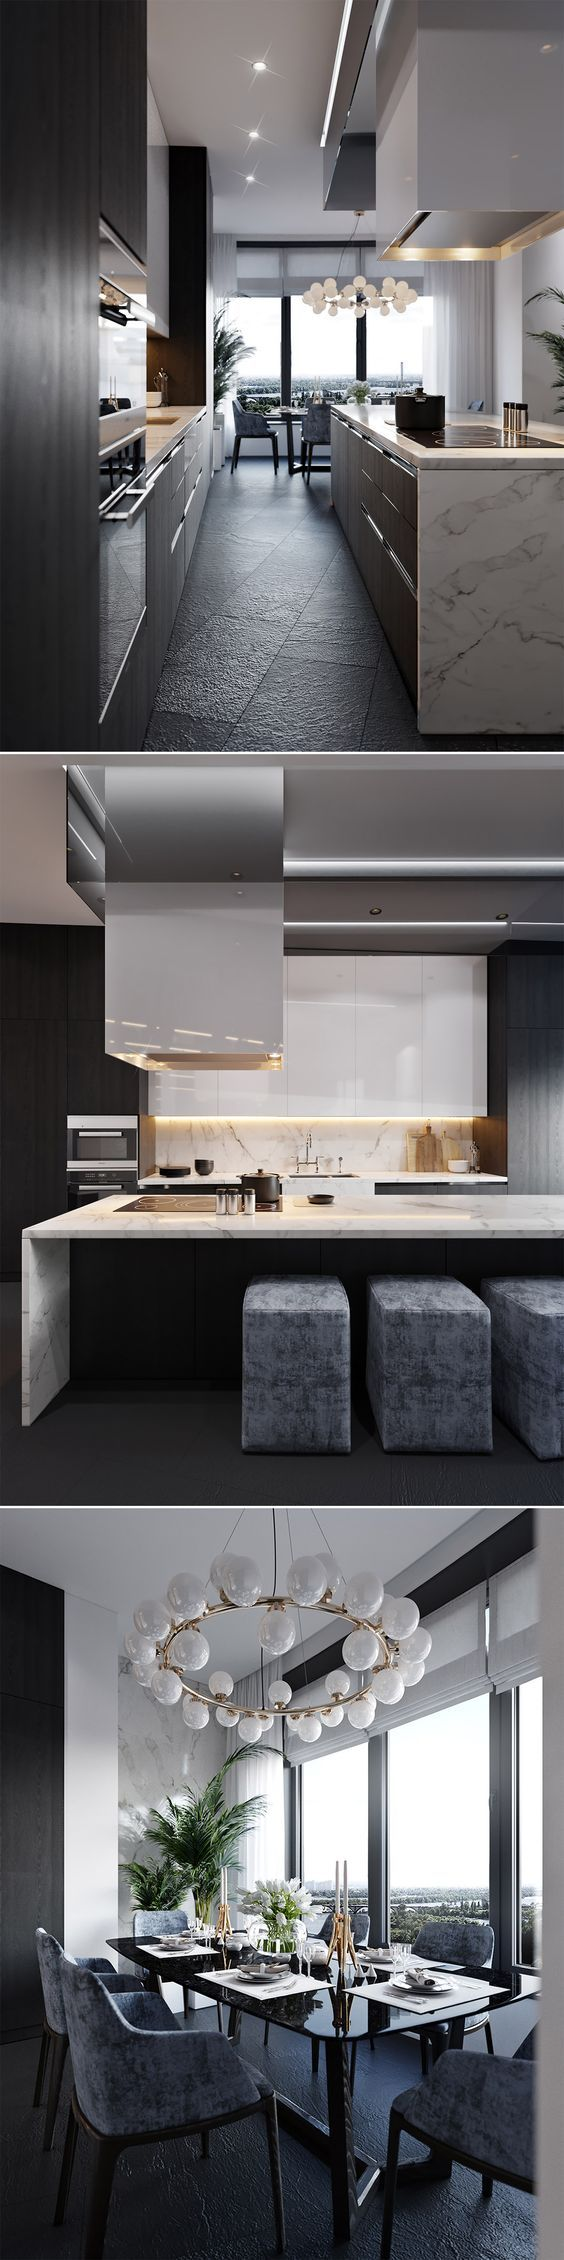 276 besten kitchen - cabinet Bilder auf Pinterest | Küchenschränke ...